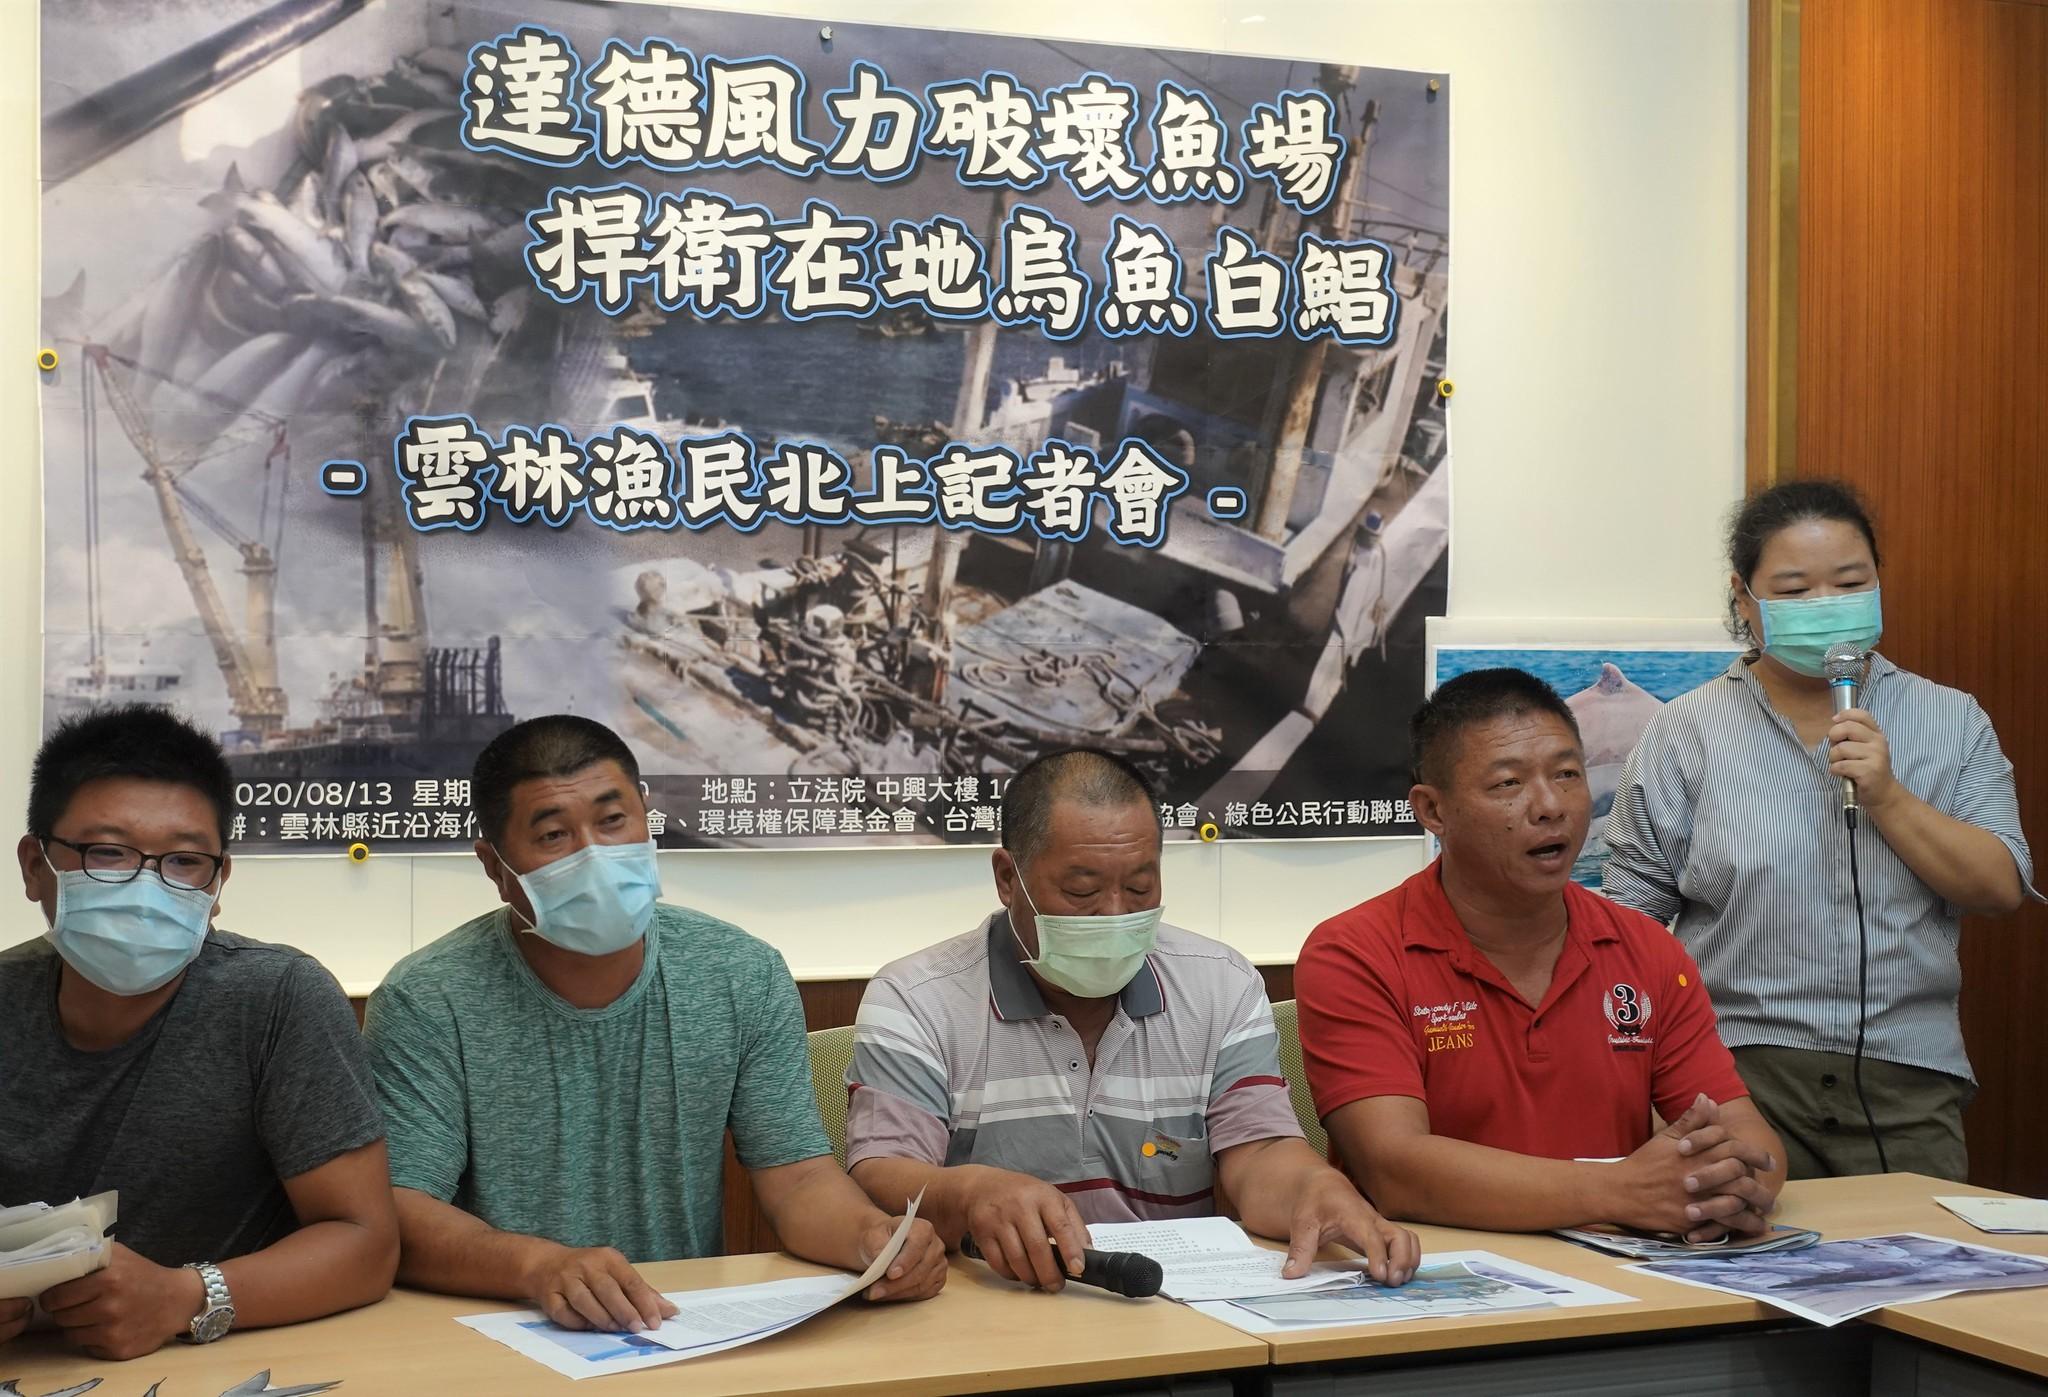 雲林漁民北上召開記者會,反對達德在當地魚場設置風場。(攝影:張智琦)